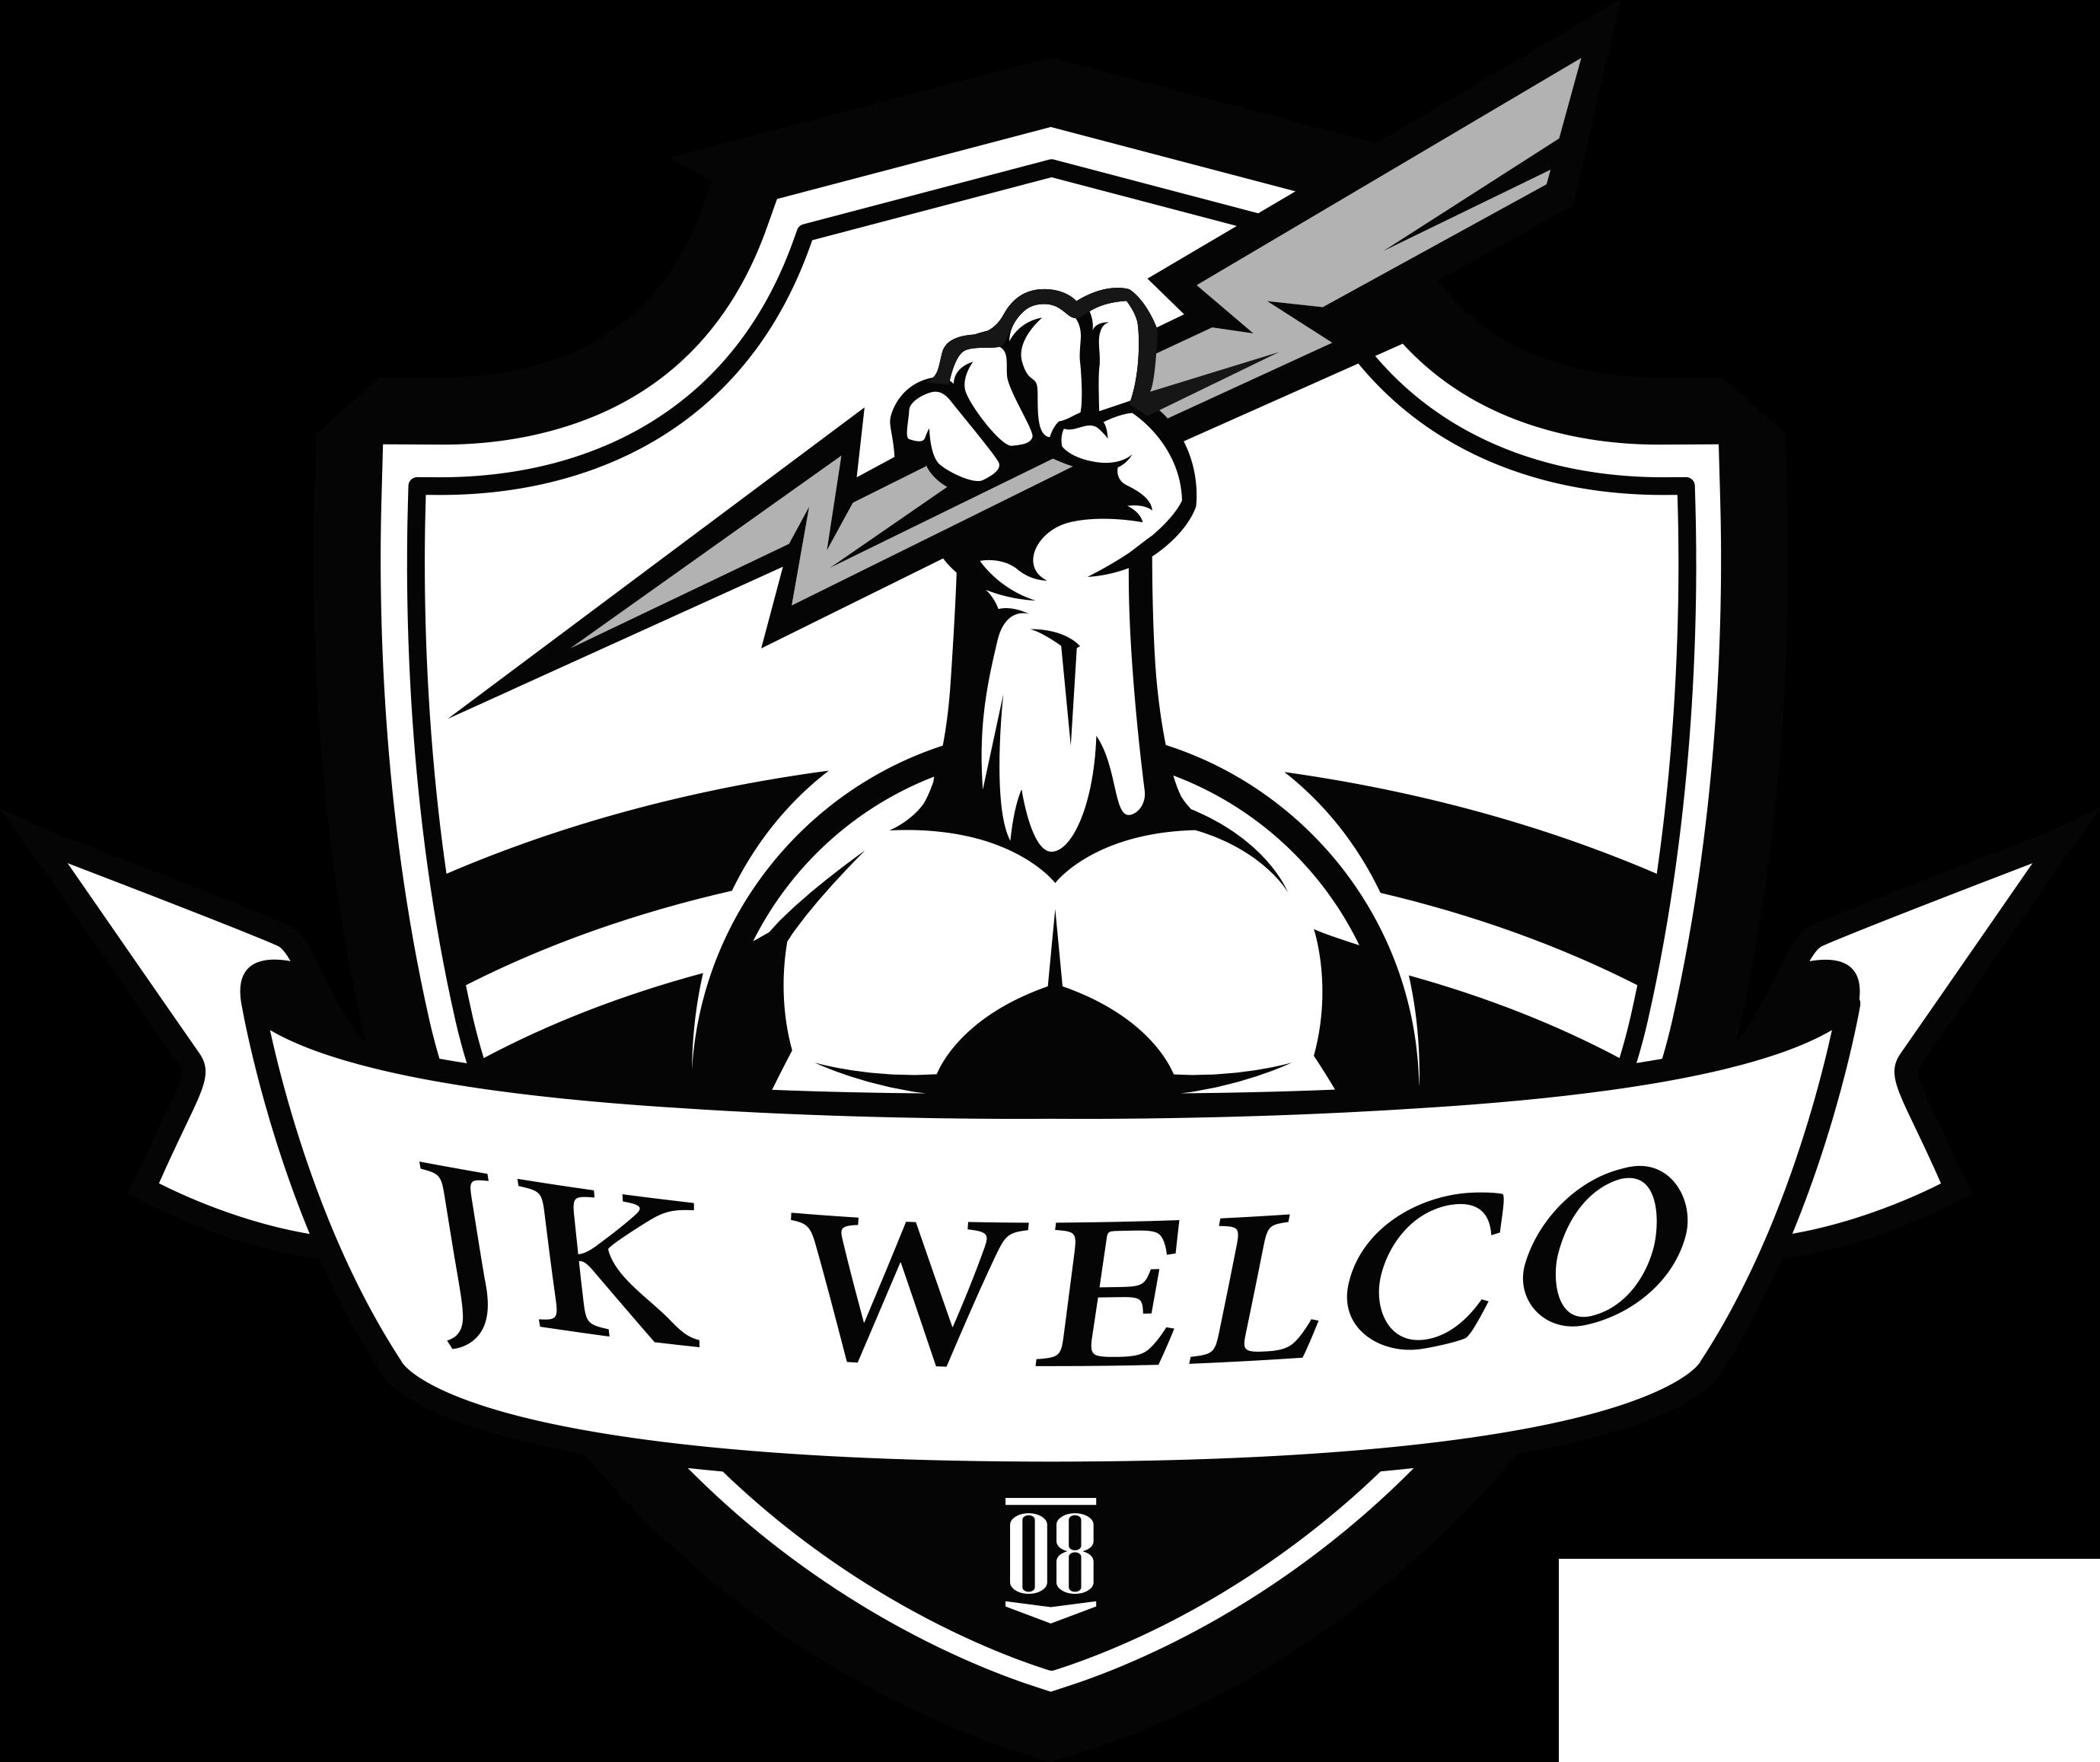 Tartu JK Welco - Logo